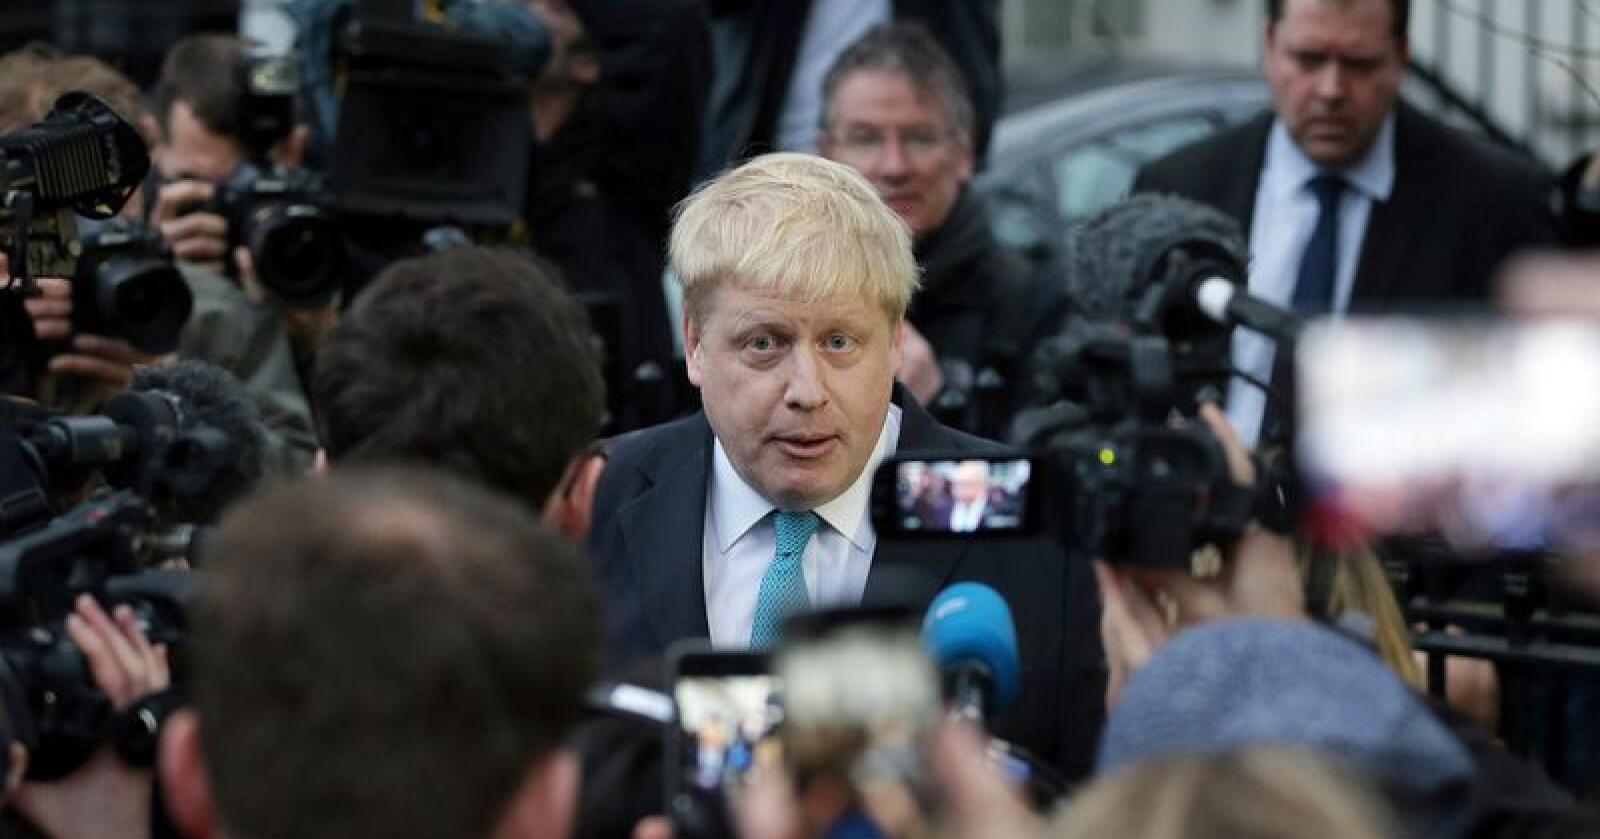 Boris Johnson var en av frontfigurene i kampanjen for å få Storbritannia ut av EU. Nå er han favoritt til å bli ny partileder i Det konservative partiet. Foto: Tim Ireland / AP / NTB scanpix